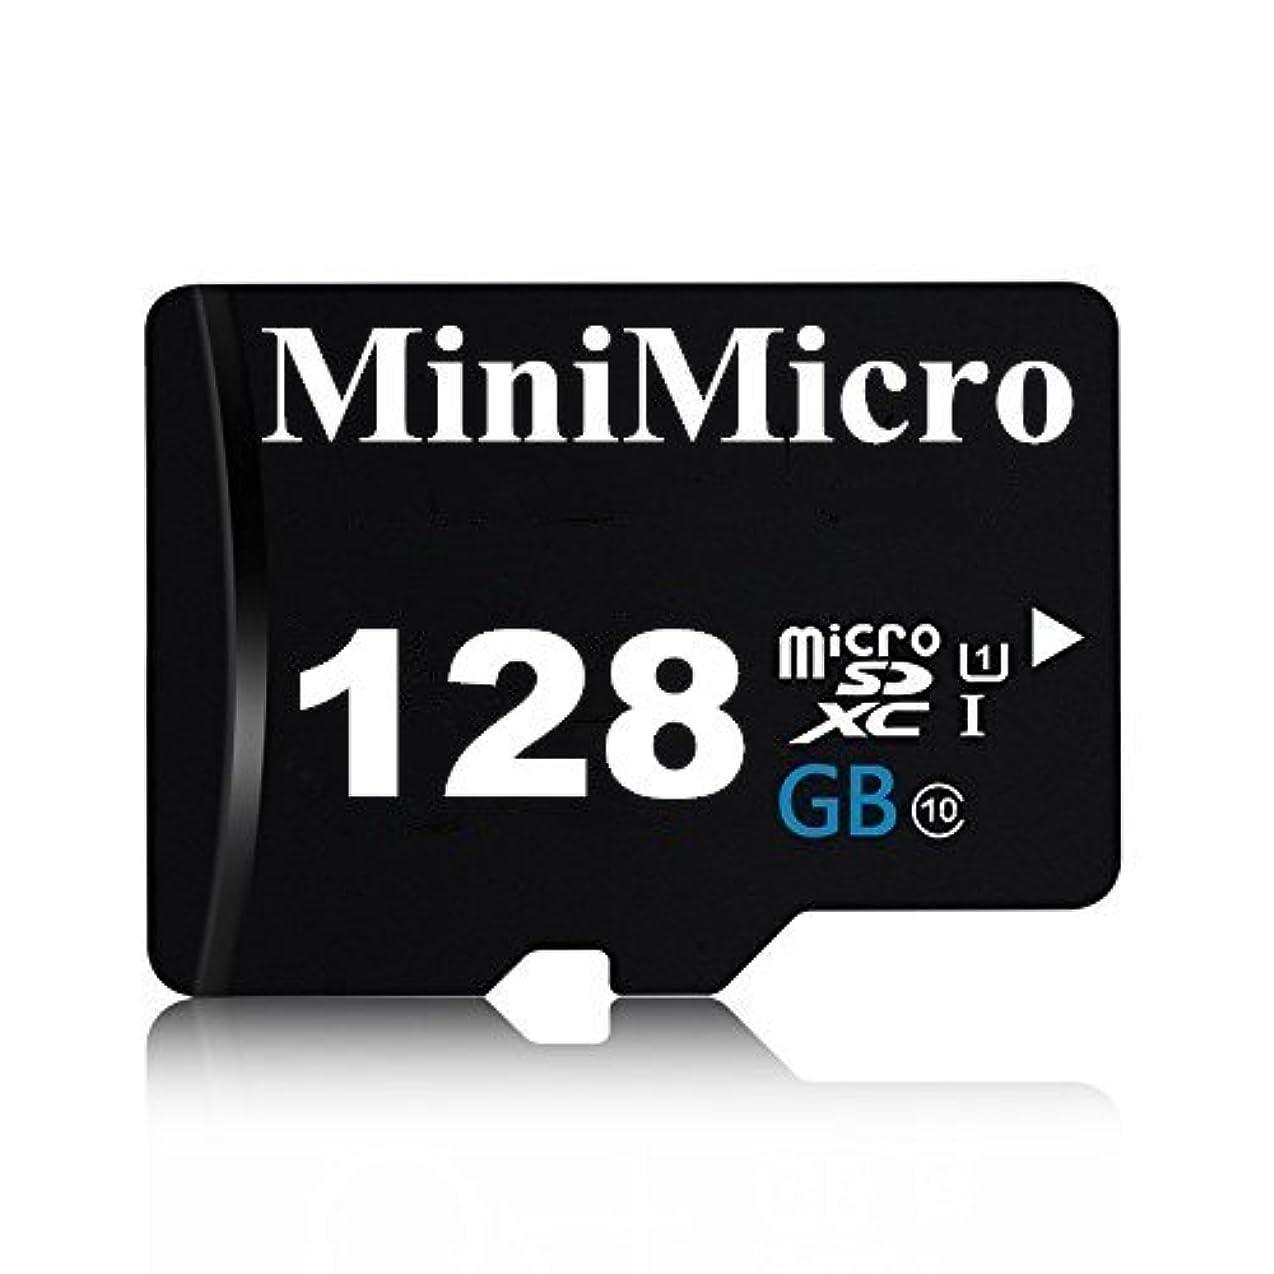 神社結婚するエイリアスMiniMicro 128GB Class 10 Micro SDXC メモリーカード SDアダプター付き (128GB)